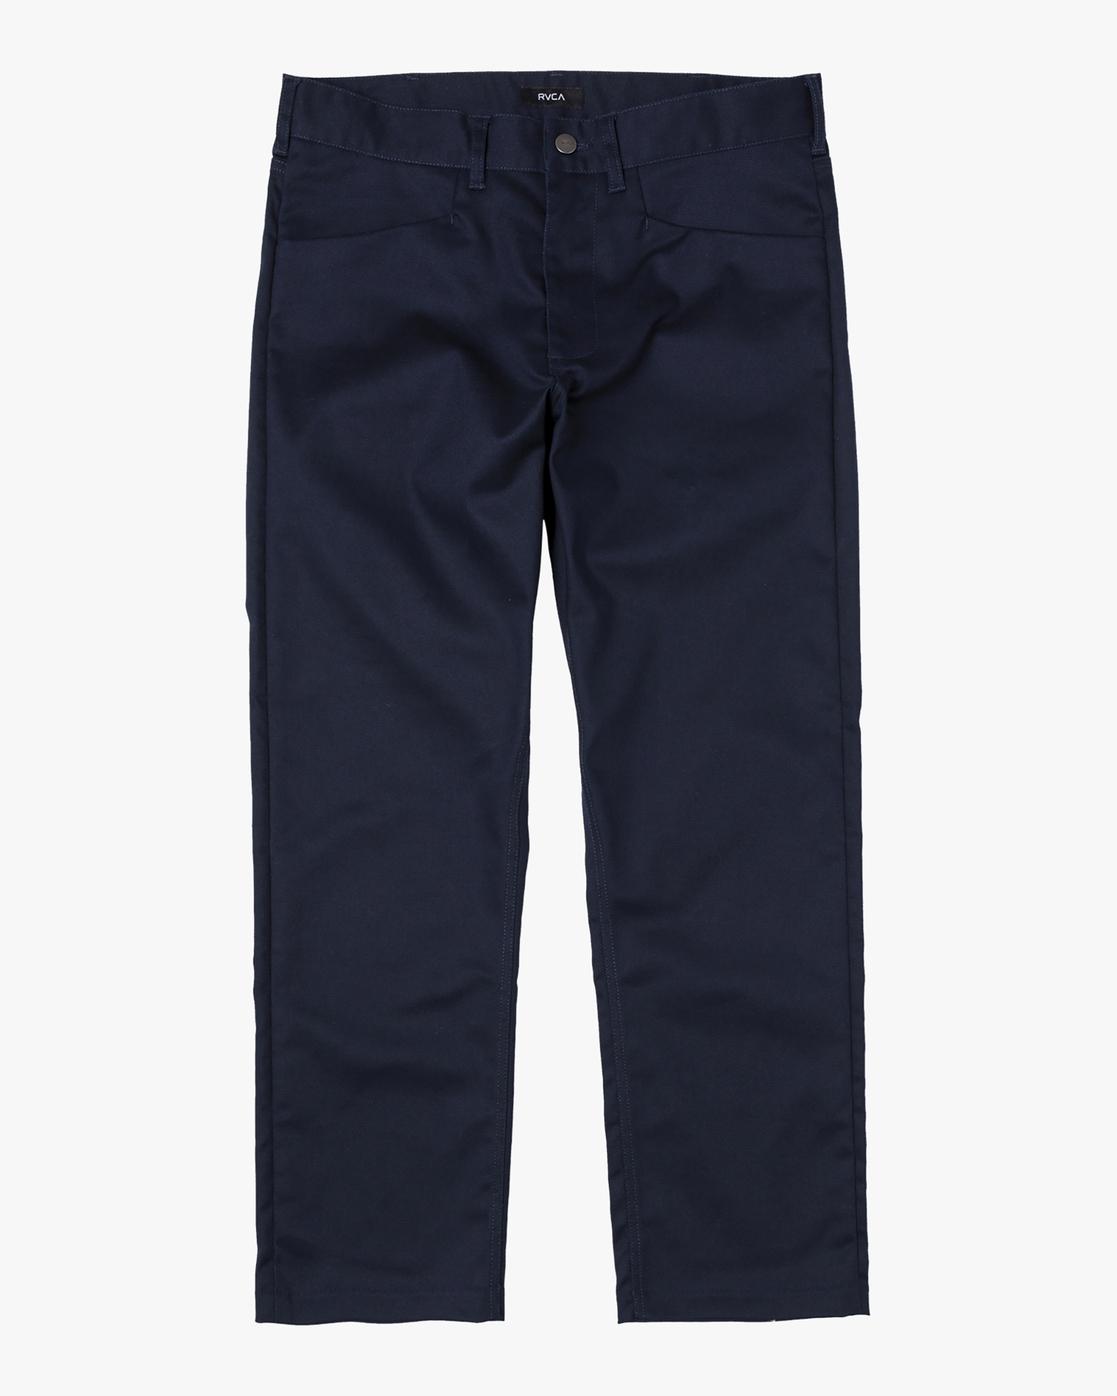 0 NEW DAWN MODERN STRAIGHT FIT PANT Blue M3073RPR RVCA